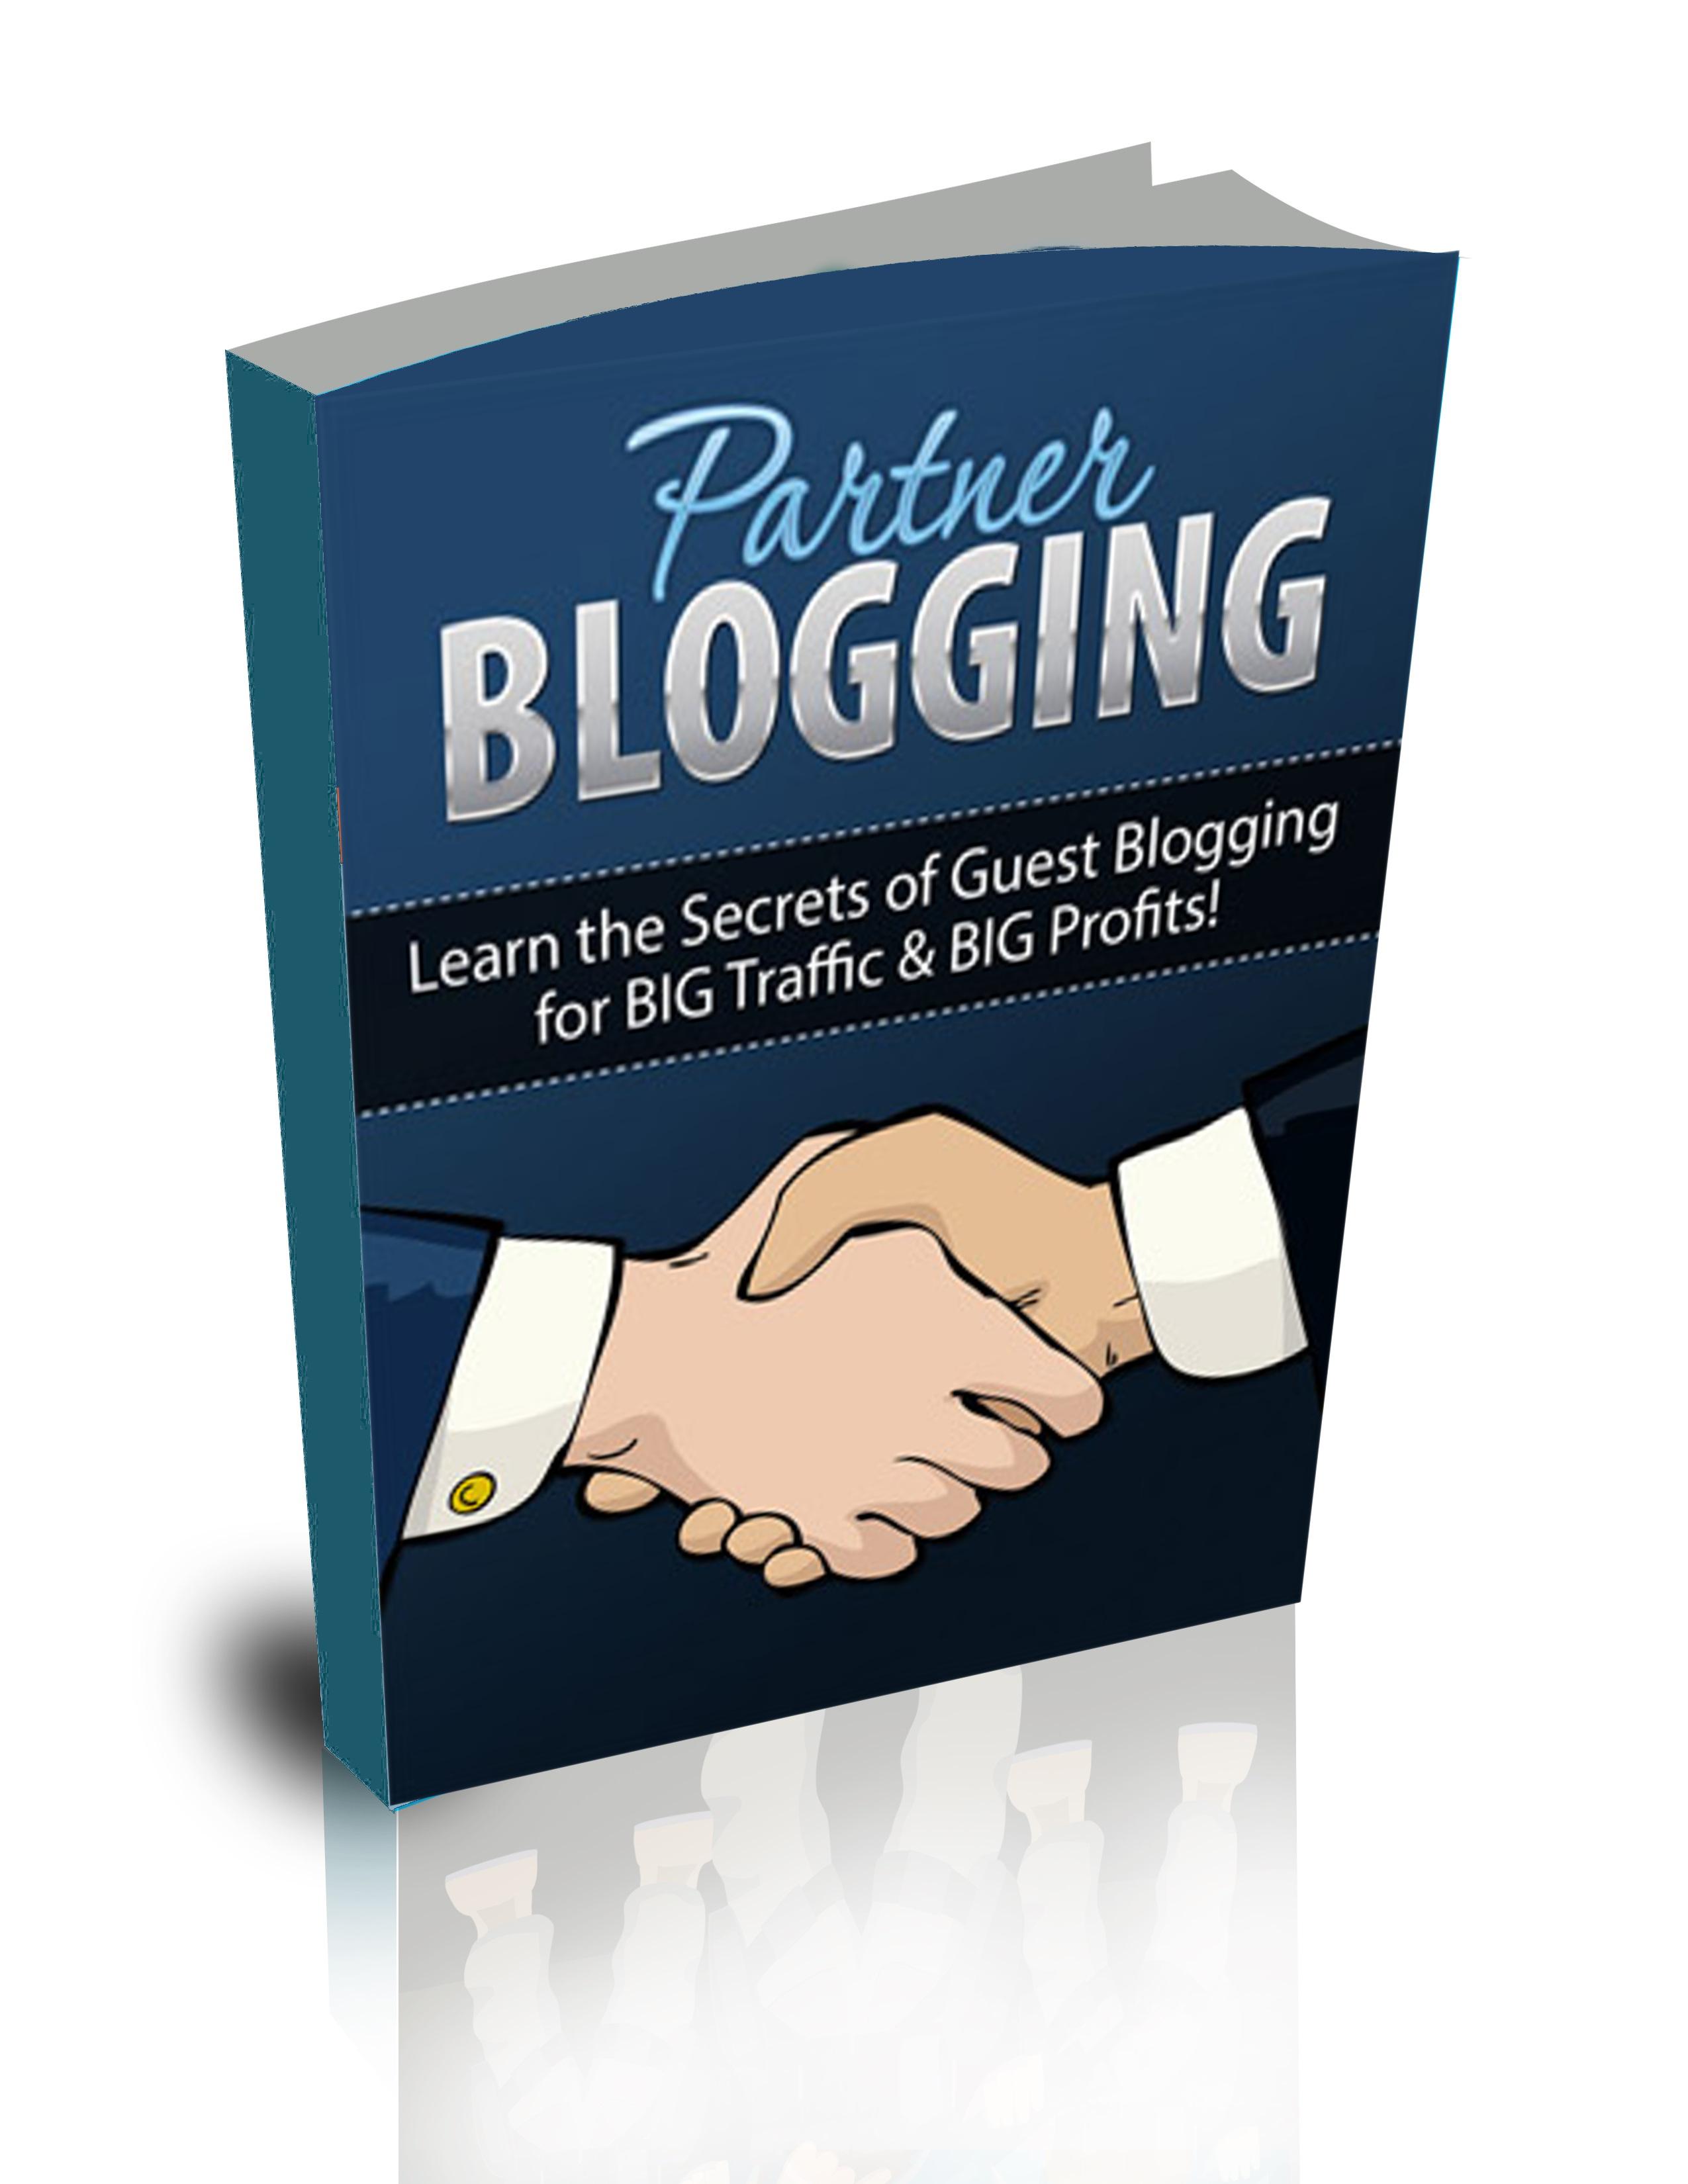 PartnerBlogging